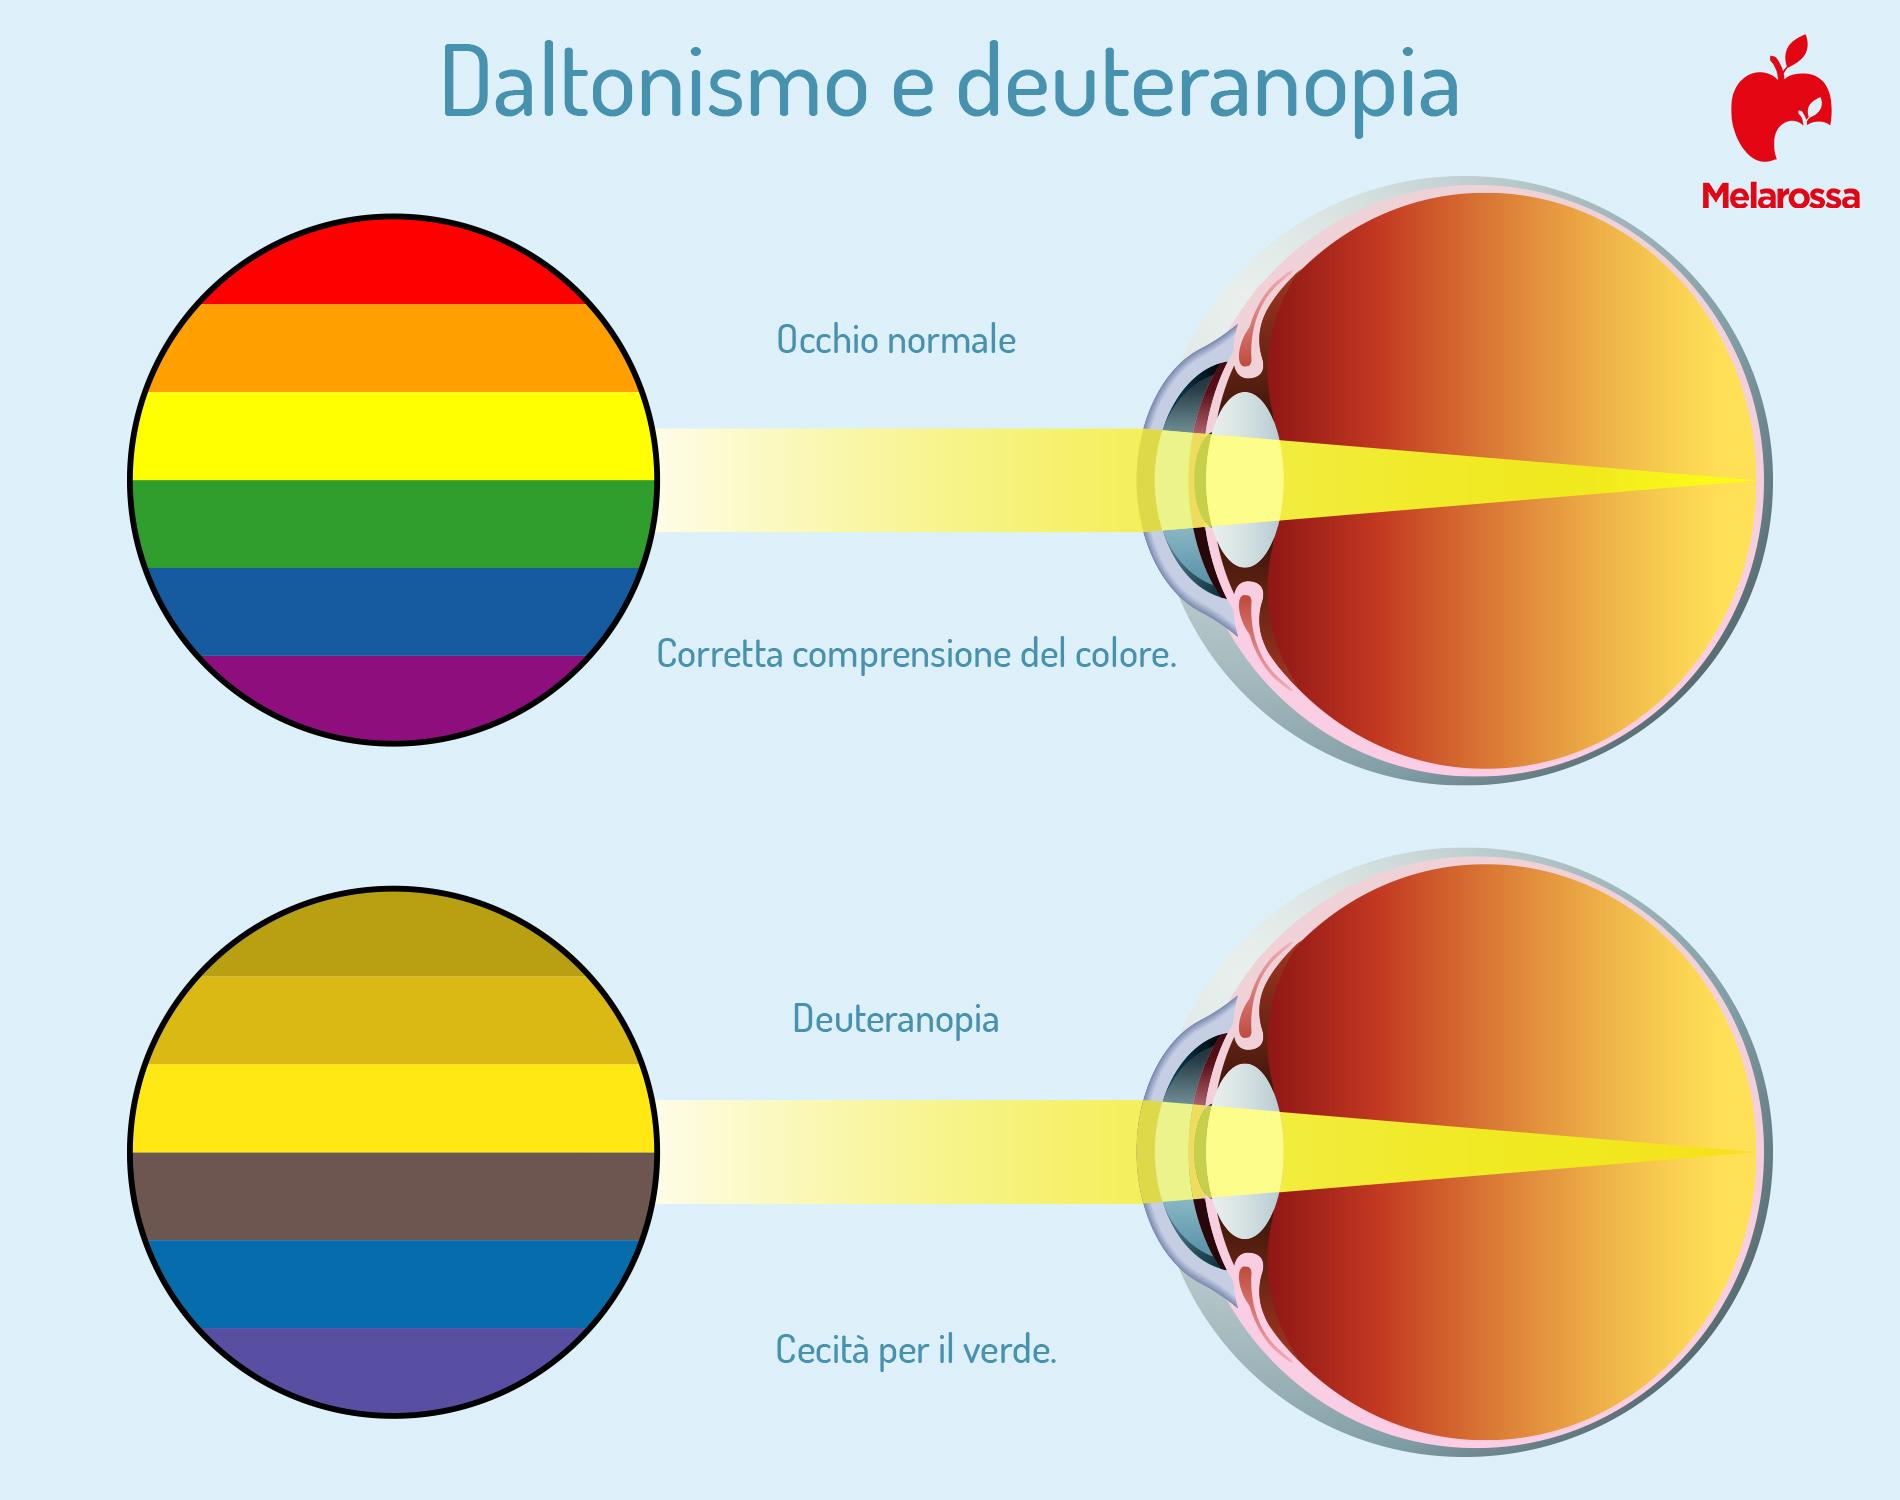 daltonismo e deuteranopia